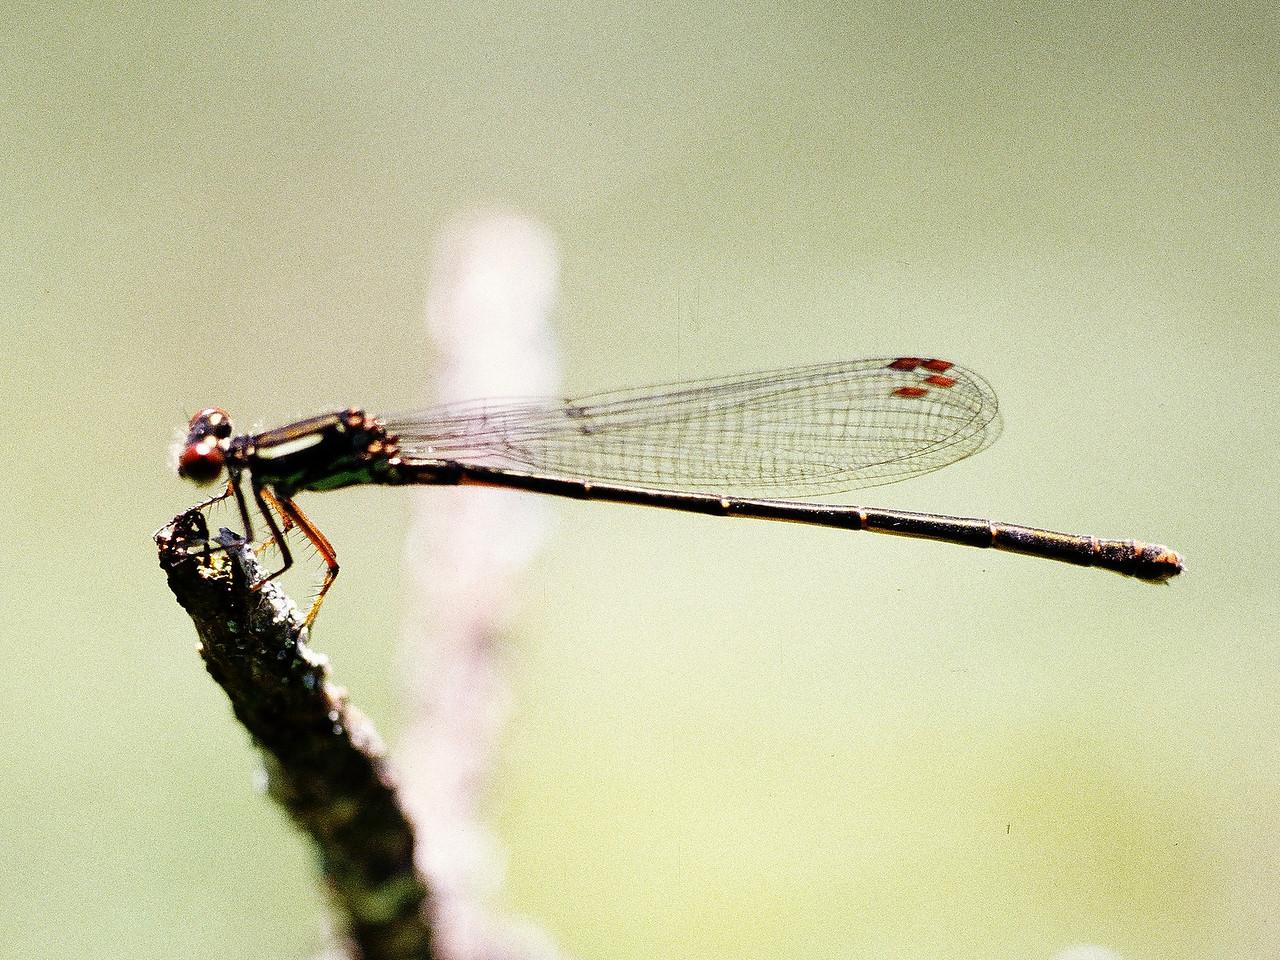 Megalagrion hawaiiense (Odonata: Coenagrionidae), West Maui